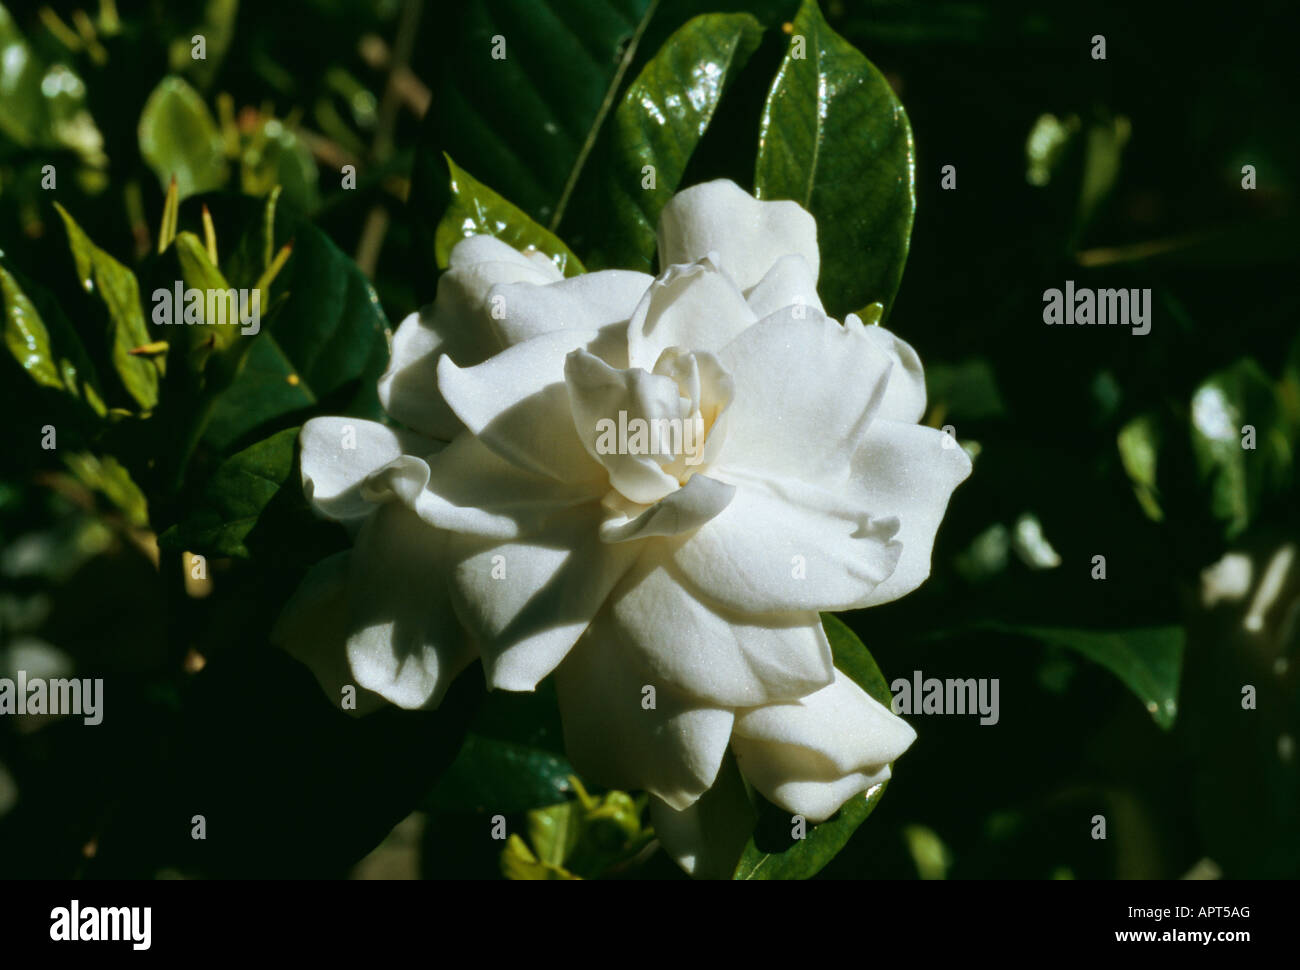 Gardenia small enchanting white flower its fragrance a transport to gardenia small enchanting white flower its fragrance a transport to paradise mightylinksfo